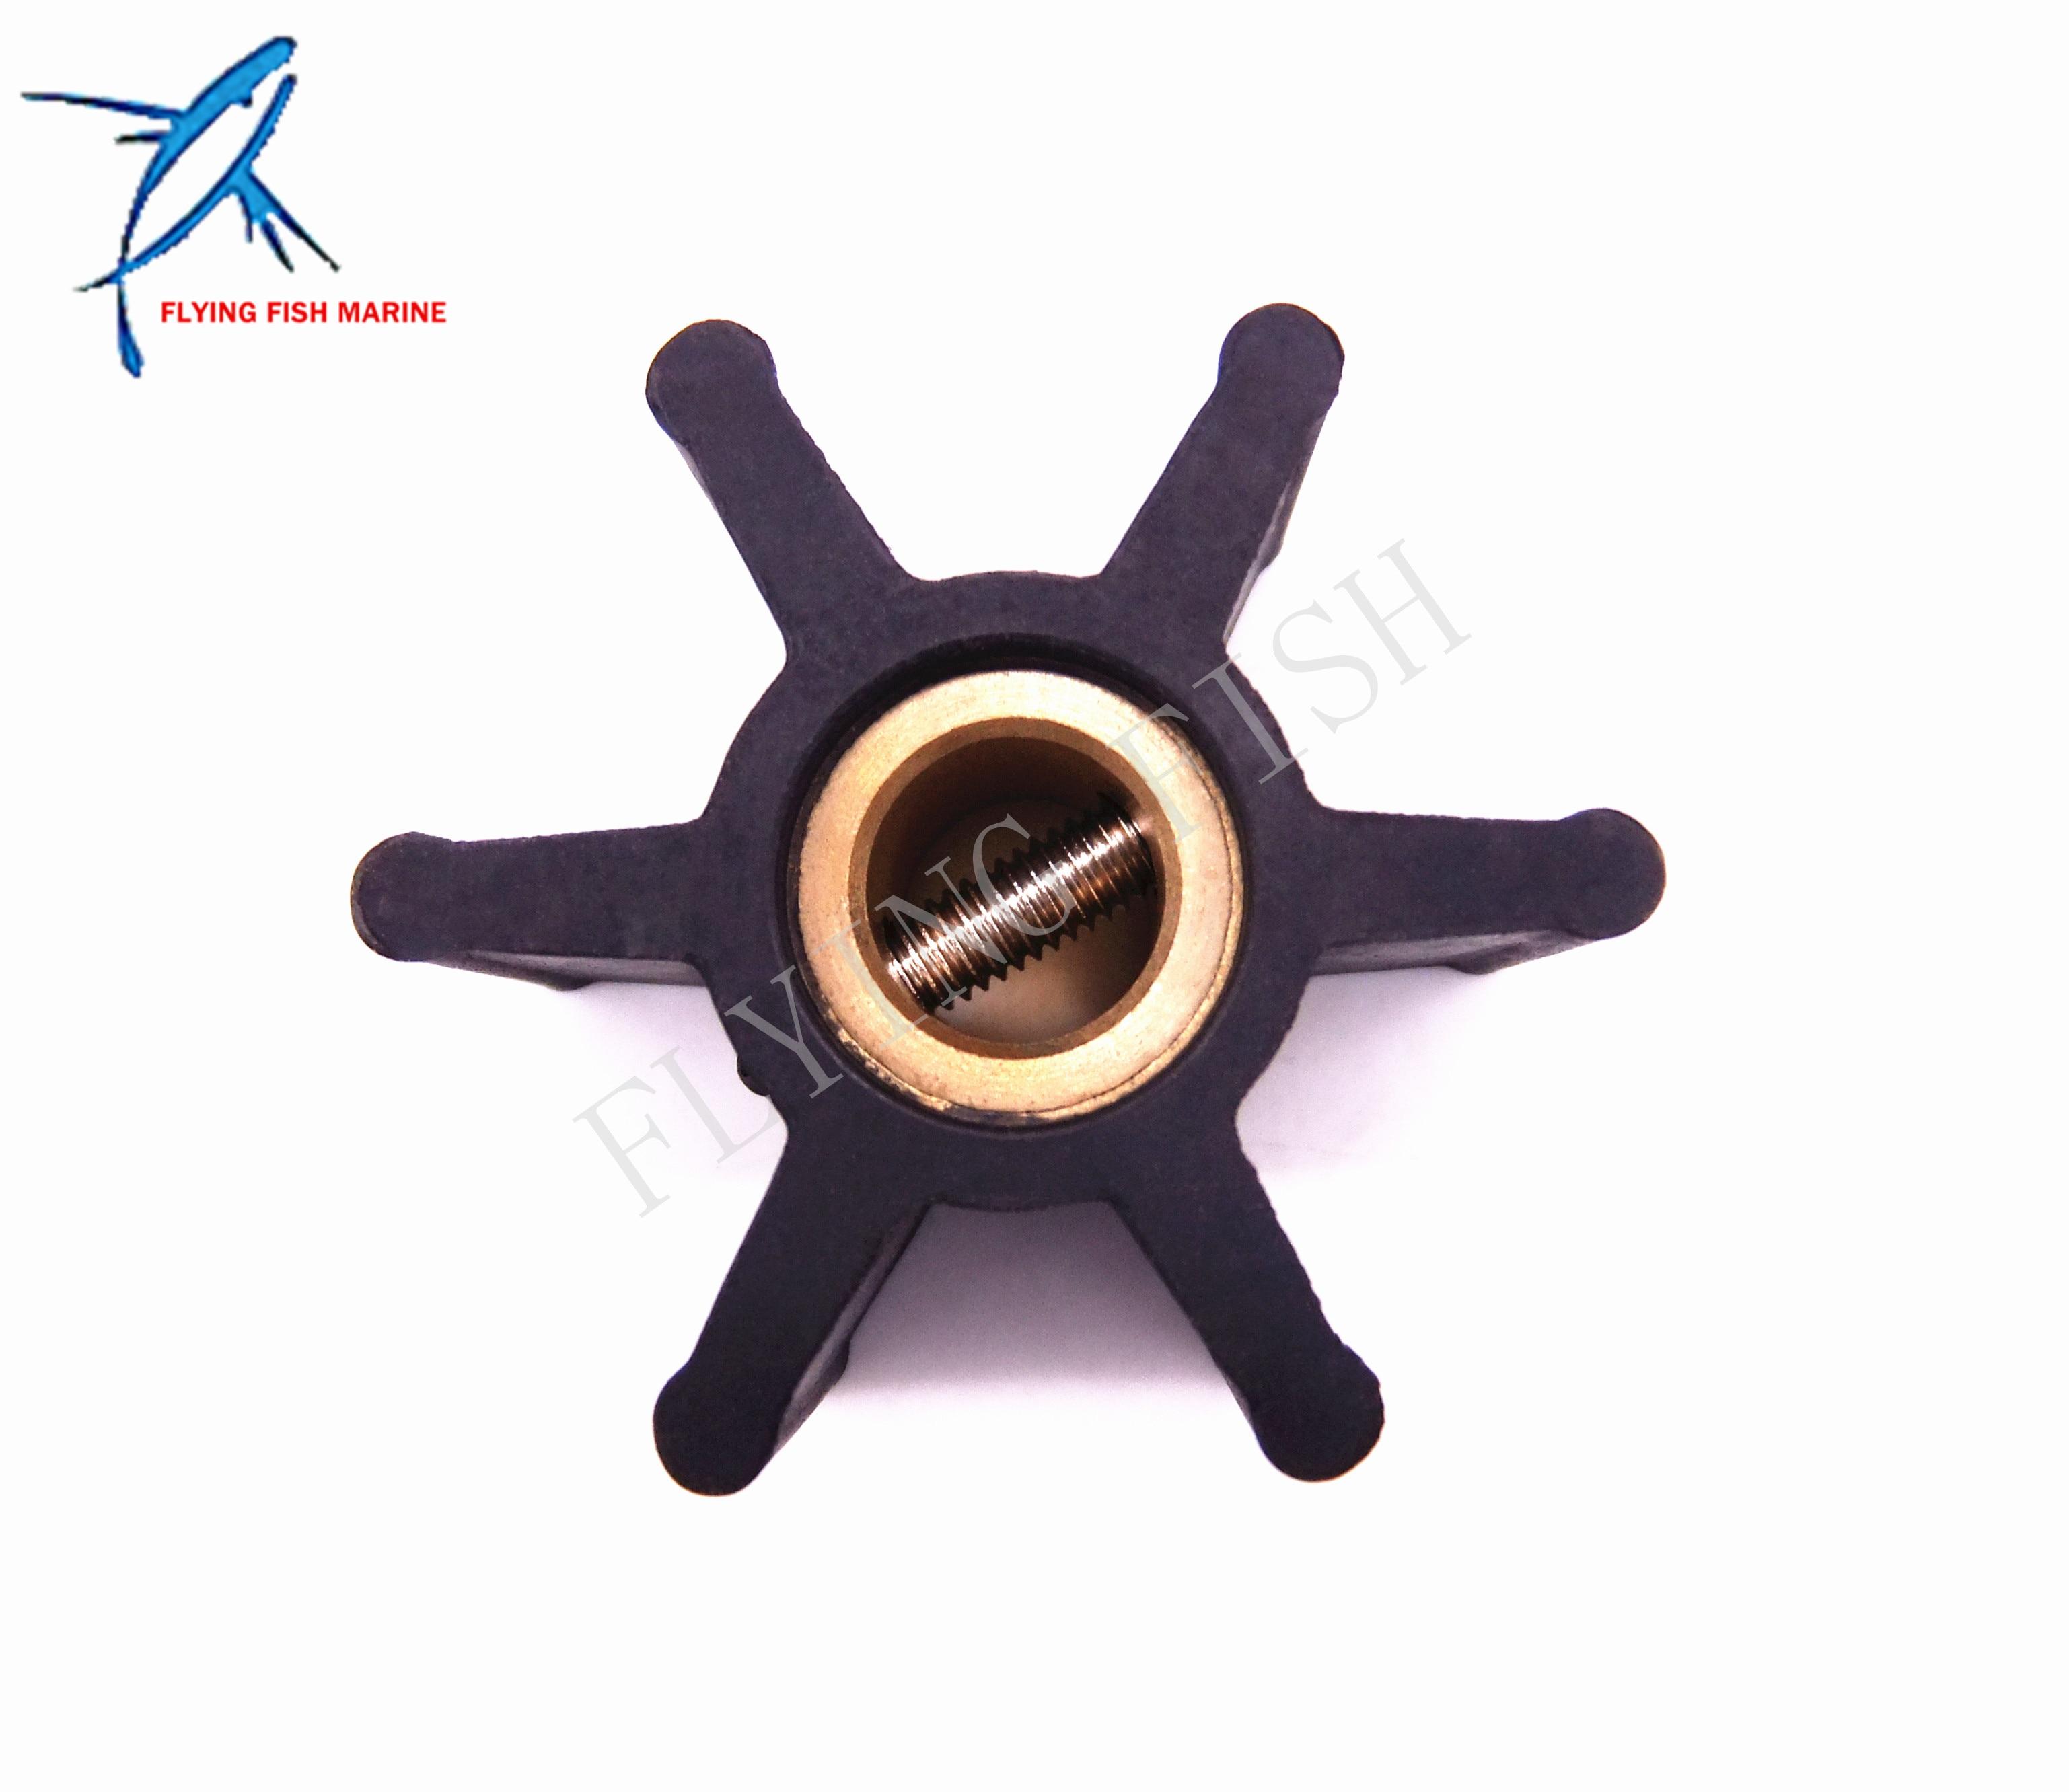 JOHNSON PUMP 09-806B-1 Impeller /& Gasket Kit for Sherwood 9979K Jabsco 4528-0001